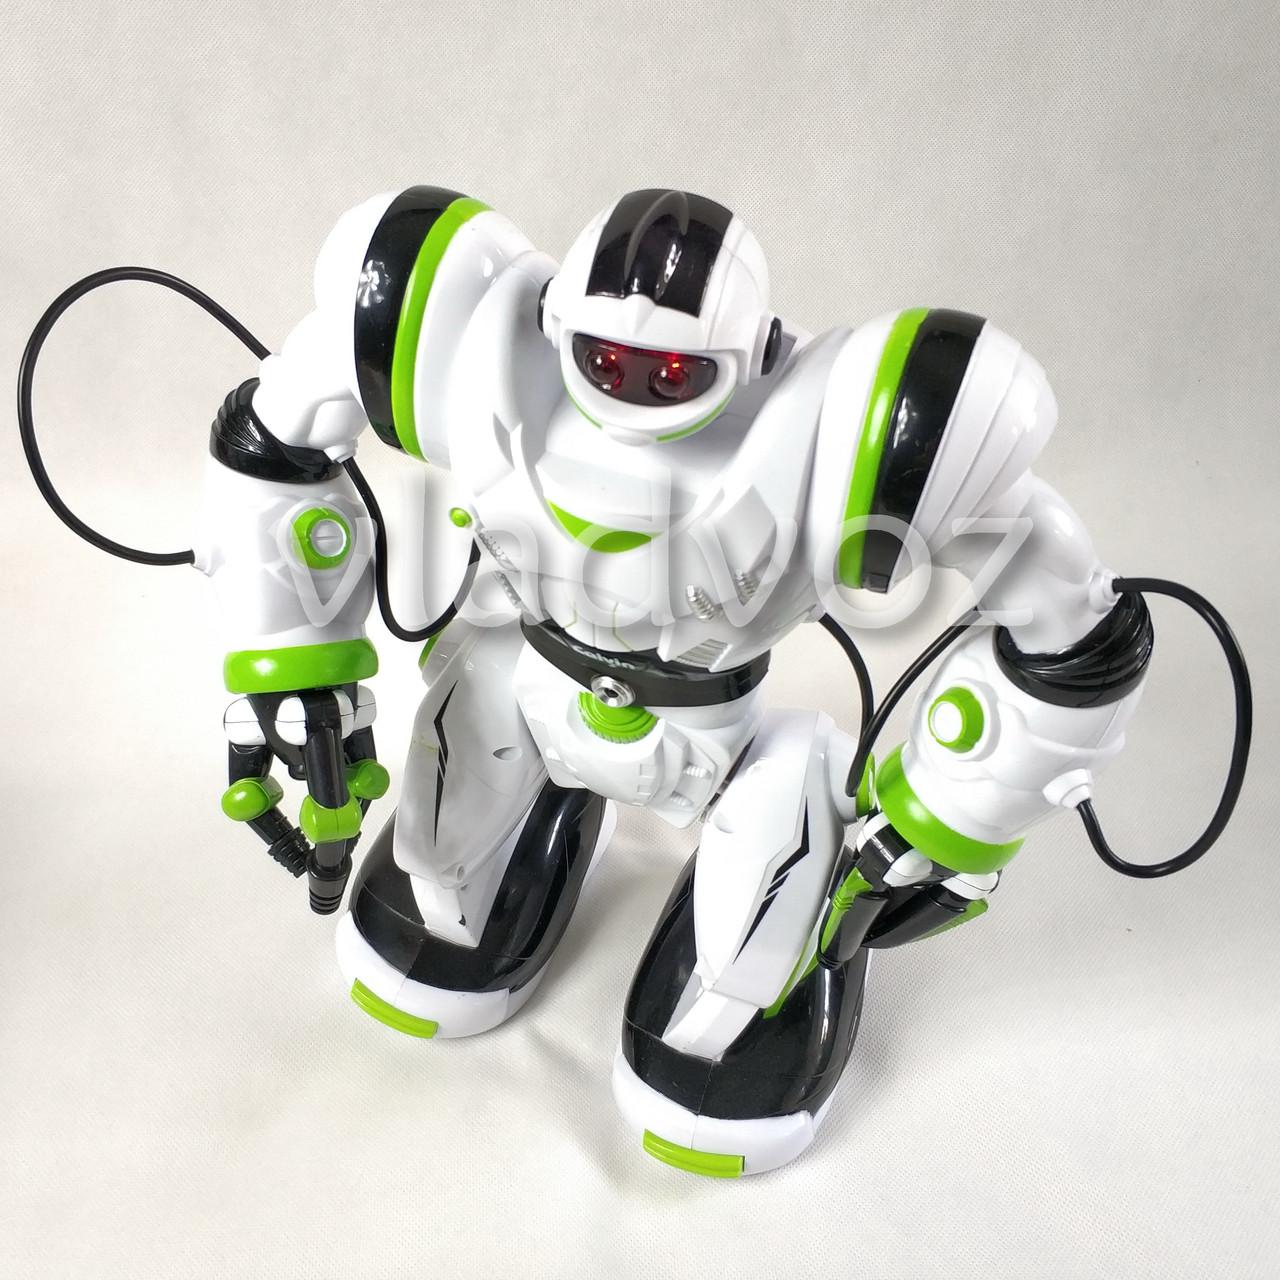 Робот на пульті управління радіокерована іграшка на акумуляторах Robowisdom білий з салатовим - фото 3